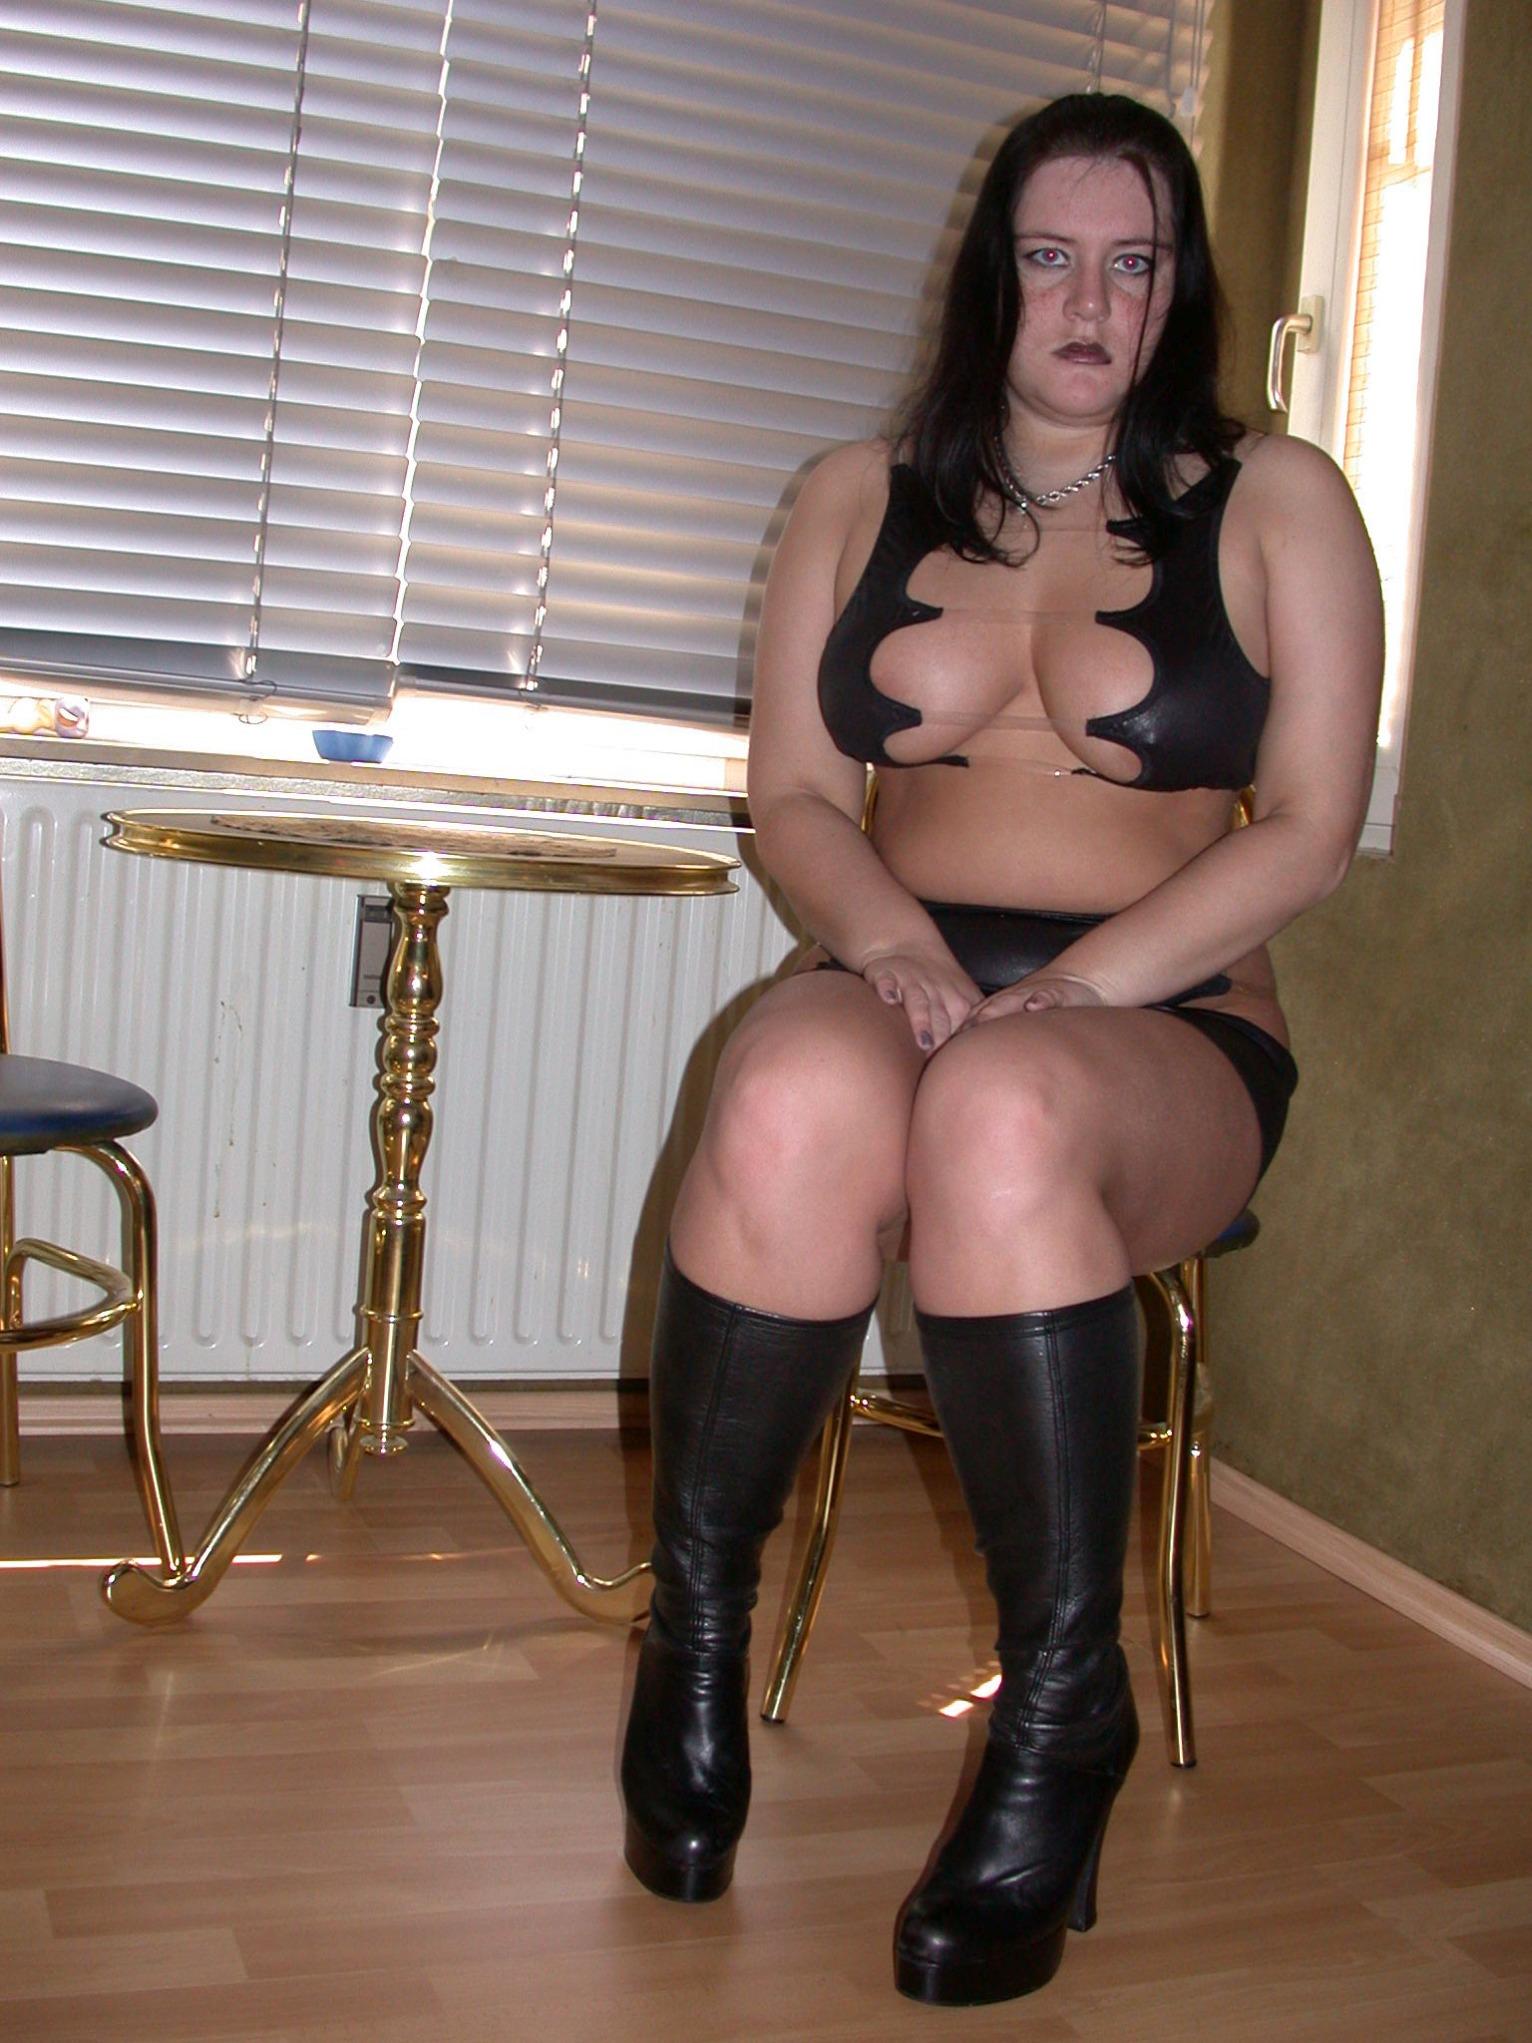 übergewichtige nackte Frau